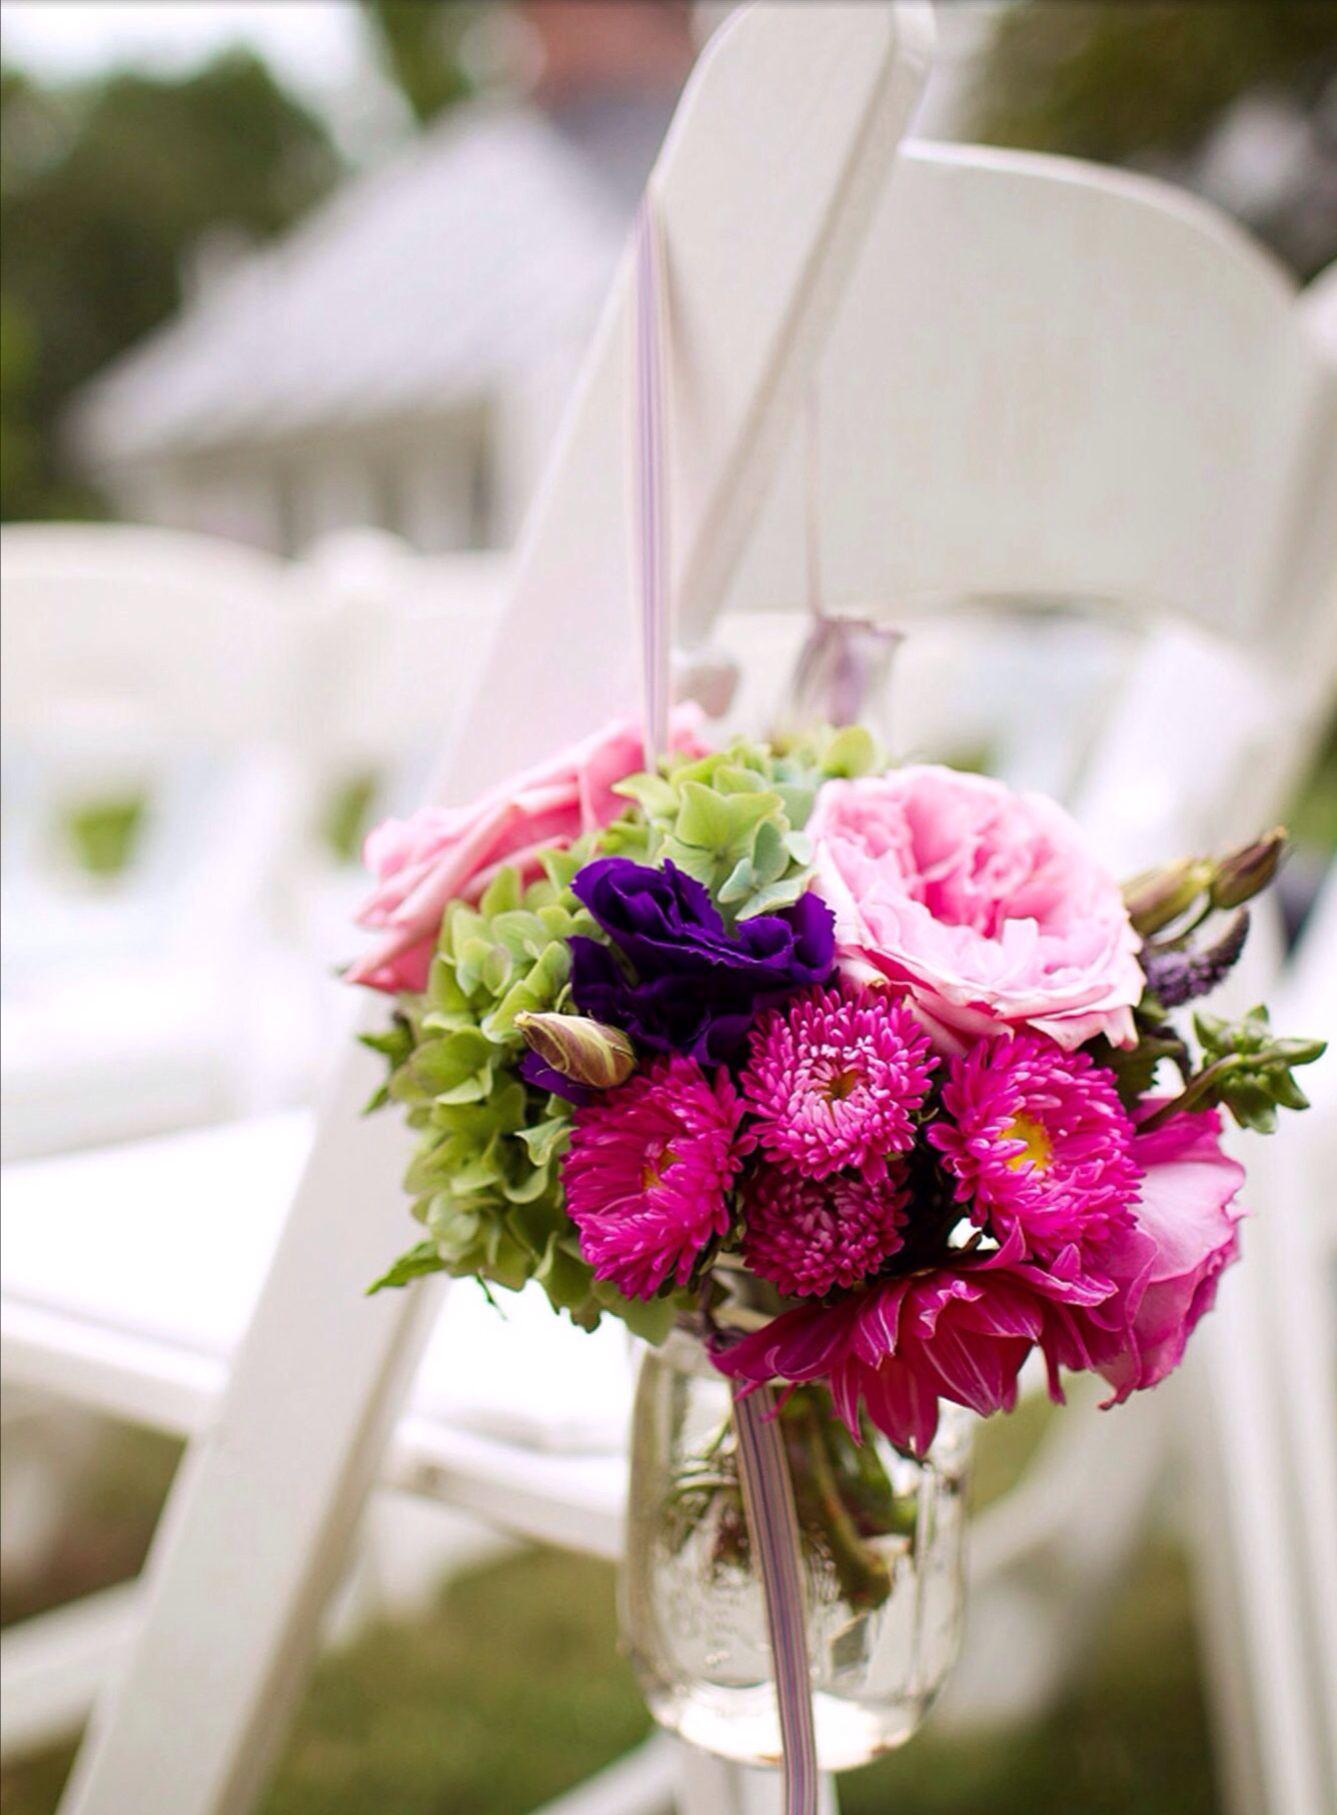 Ortensie verdi nel mazzetto ultra colorato di fiori che fanno da ornamento alla sedia da dentro al loro vasetto appeso